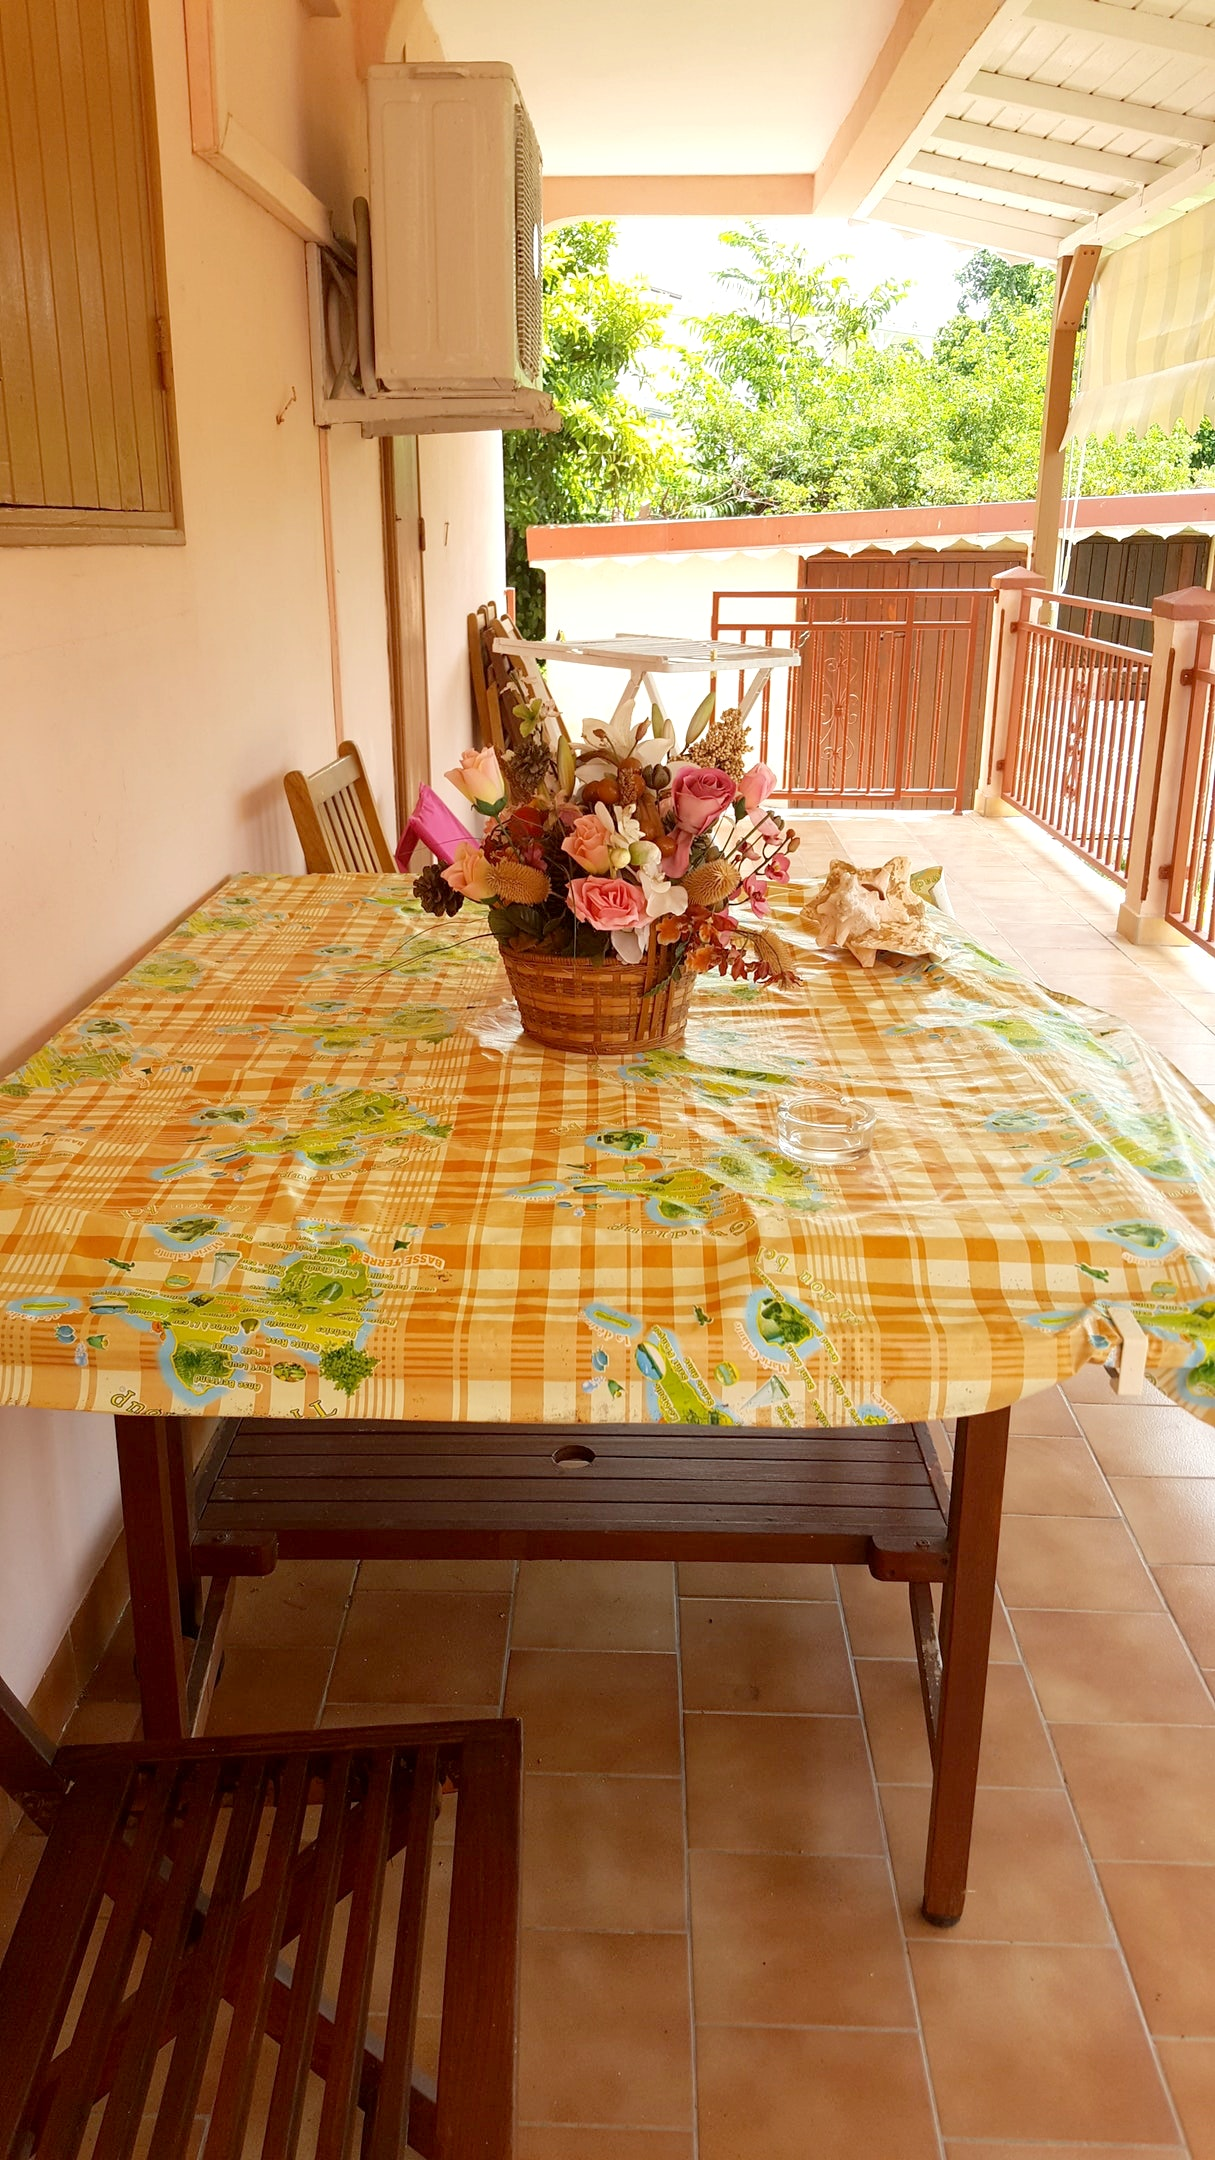 Wohnung mit 2 Schlafzimmern in Mare Gailard mit ei Ferienwohnung in Mittelamerika und Karibik